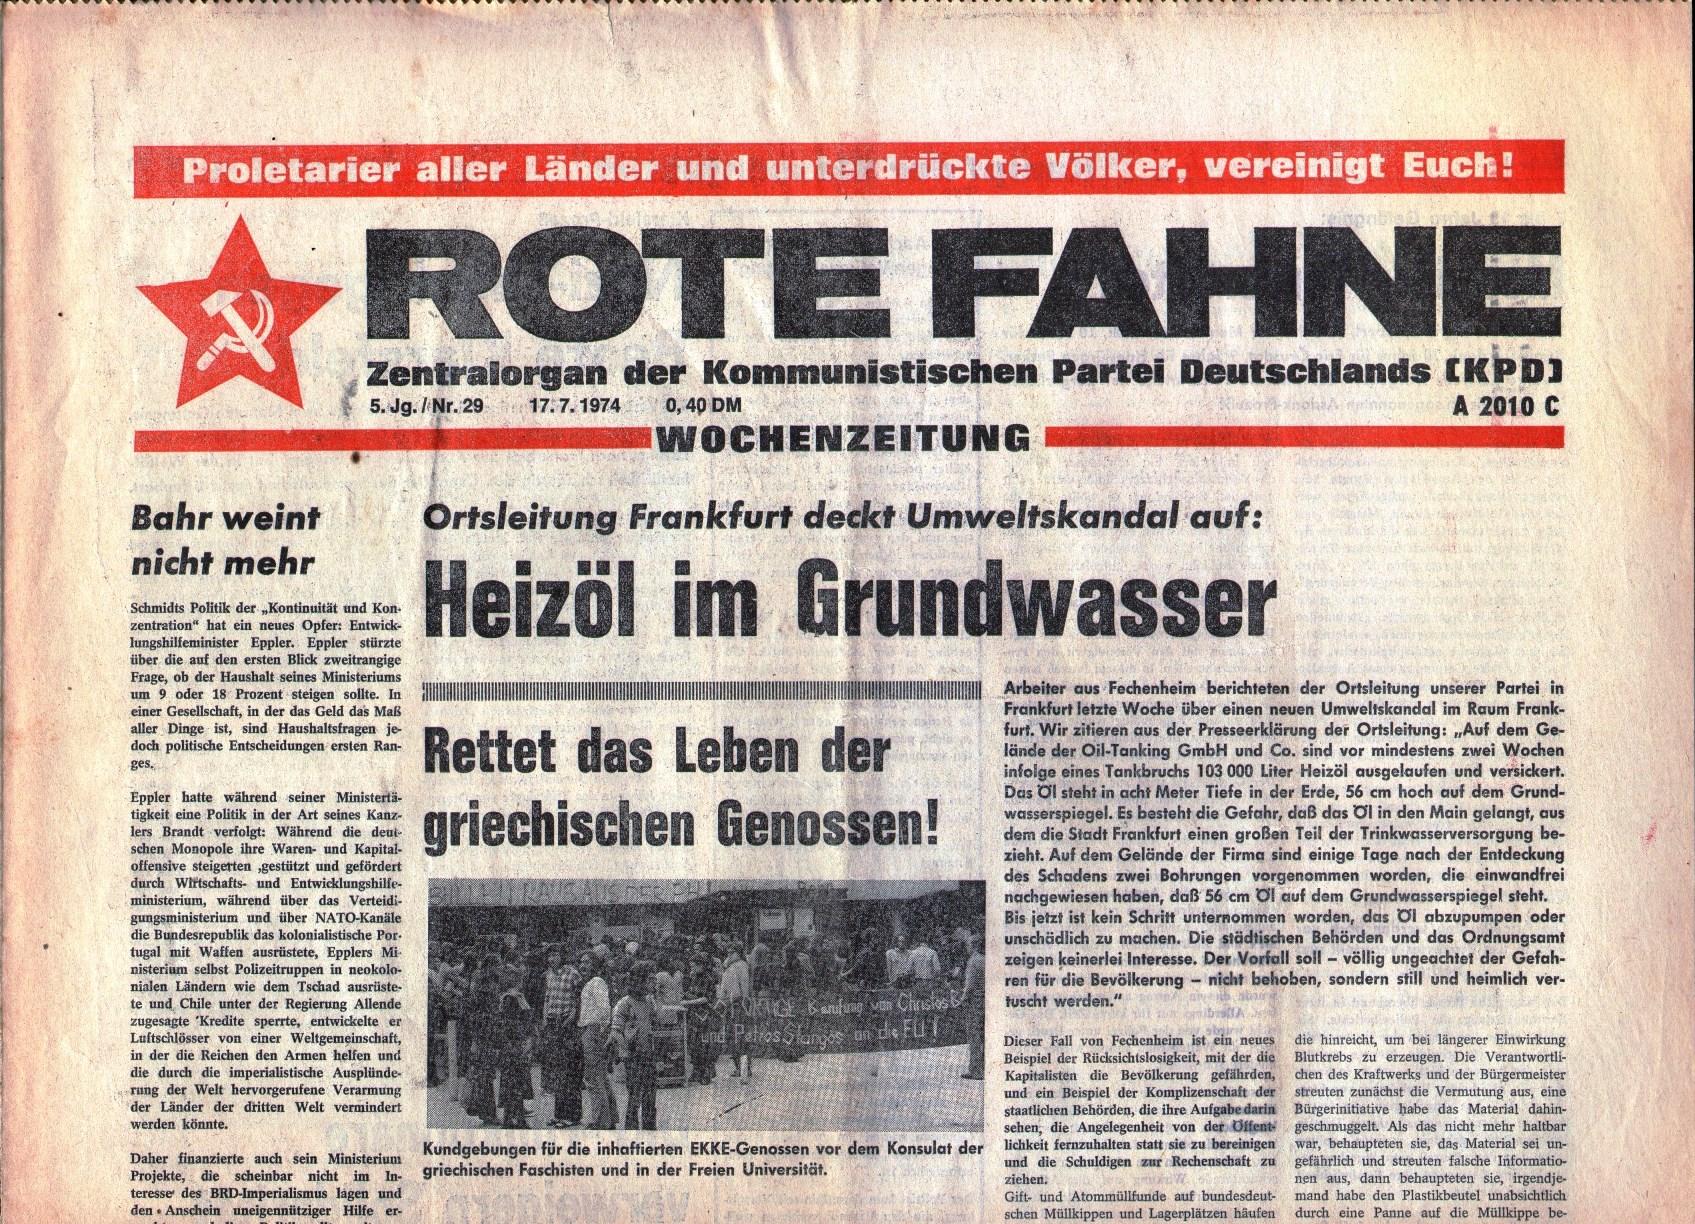 KPD_Rote_Fahne_1974_29_01